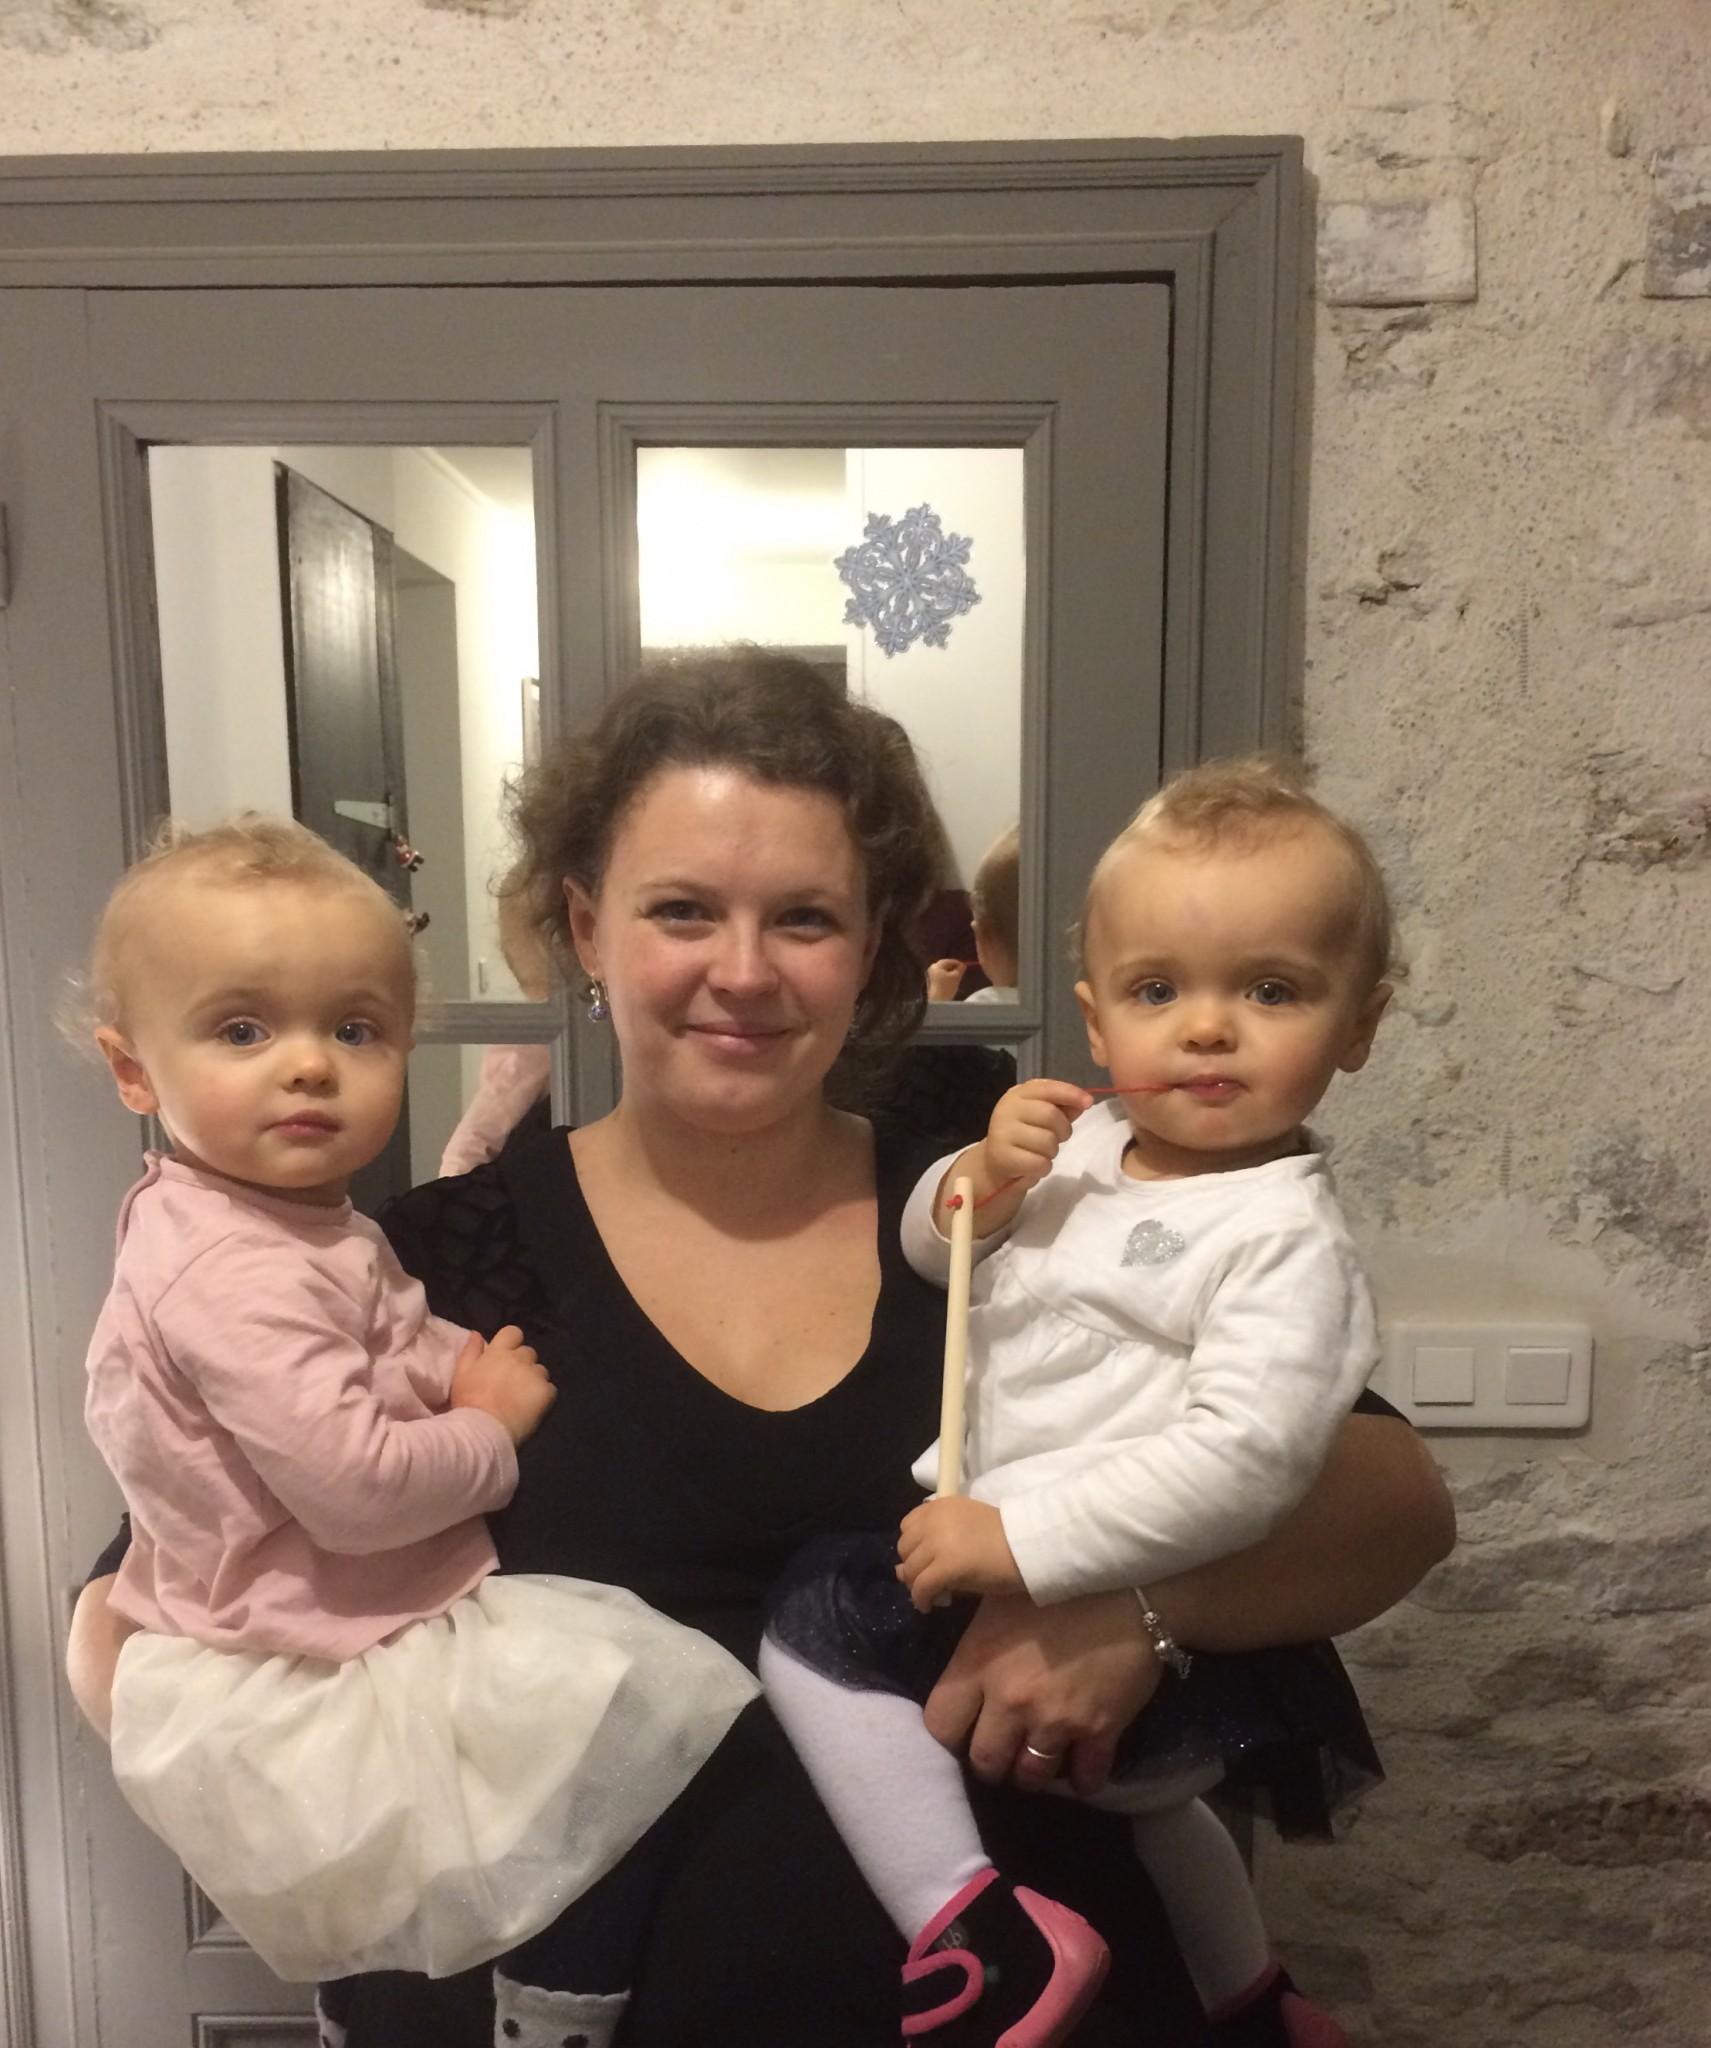 TEMOIGNAGE – J'ai décidé de vivre par amour pour Elouenn et Margod